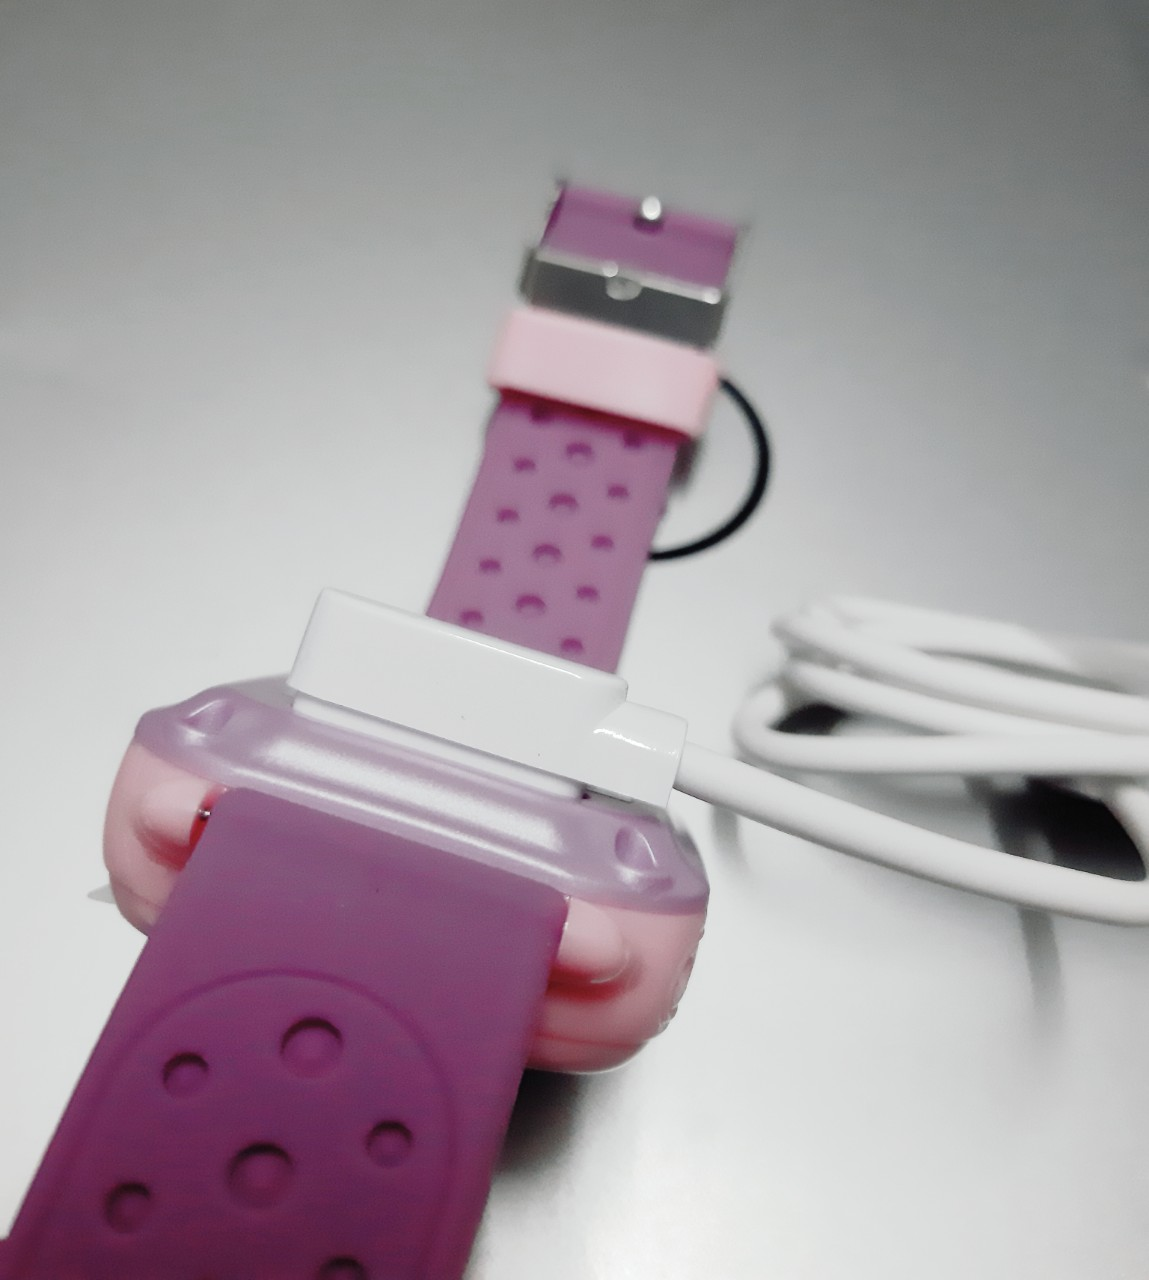 Combo Dây sạc hít nam châm dành cho đồng hồ thông minh Wonlex KT04, GW700S, KT11, KT12, A28, Q12 - Hàng chính hãng + Vòng tay may mắn RUBY